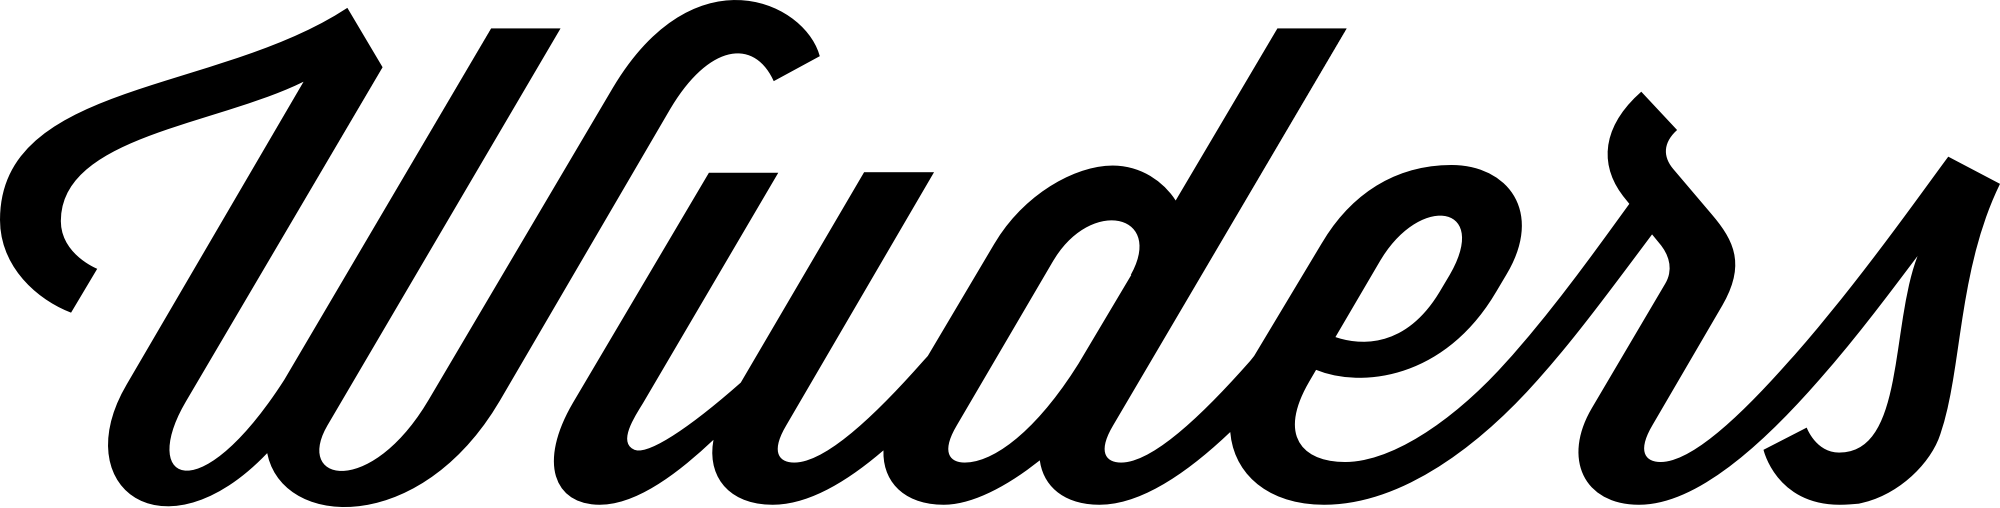 wuders_logo_cerne